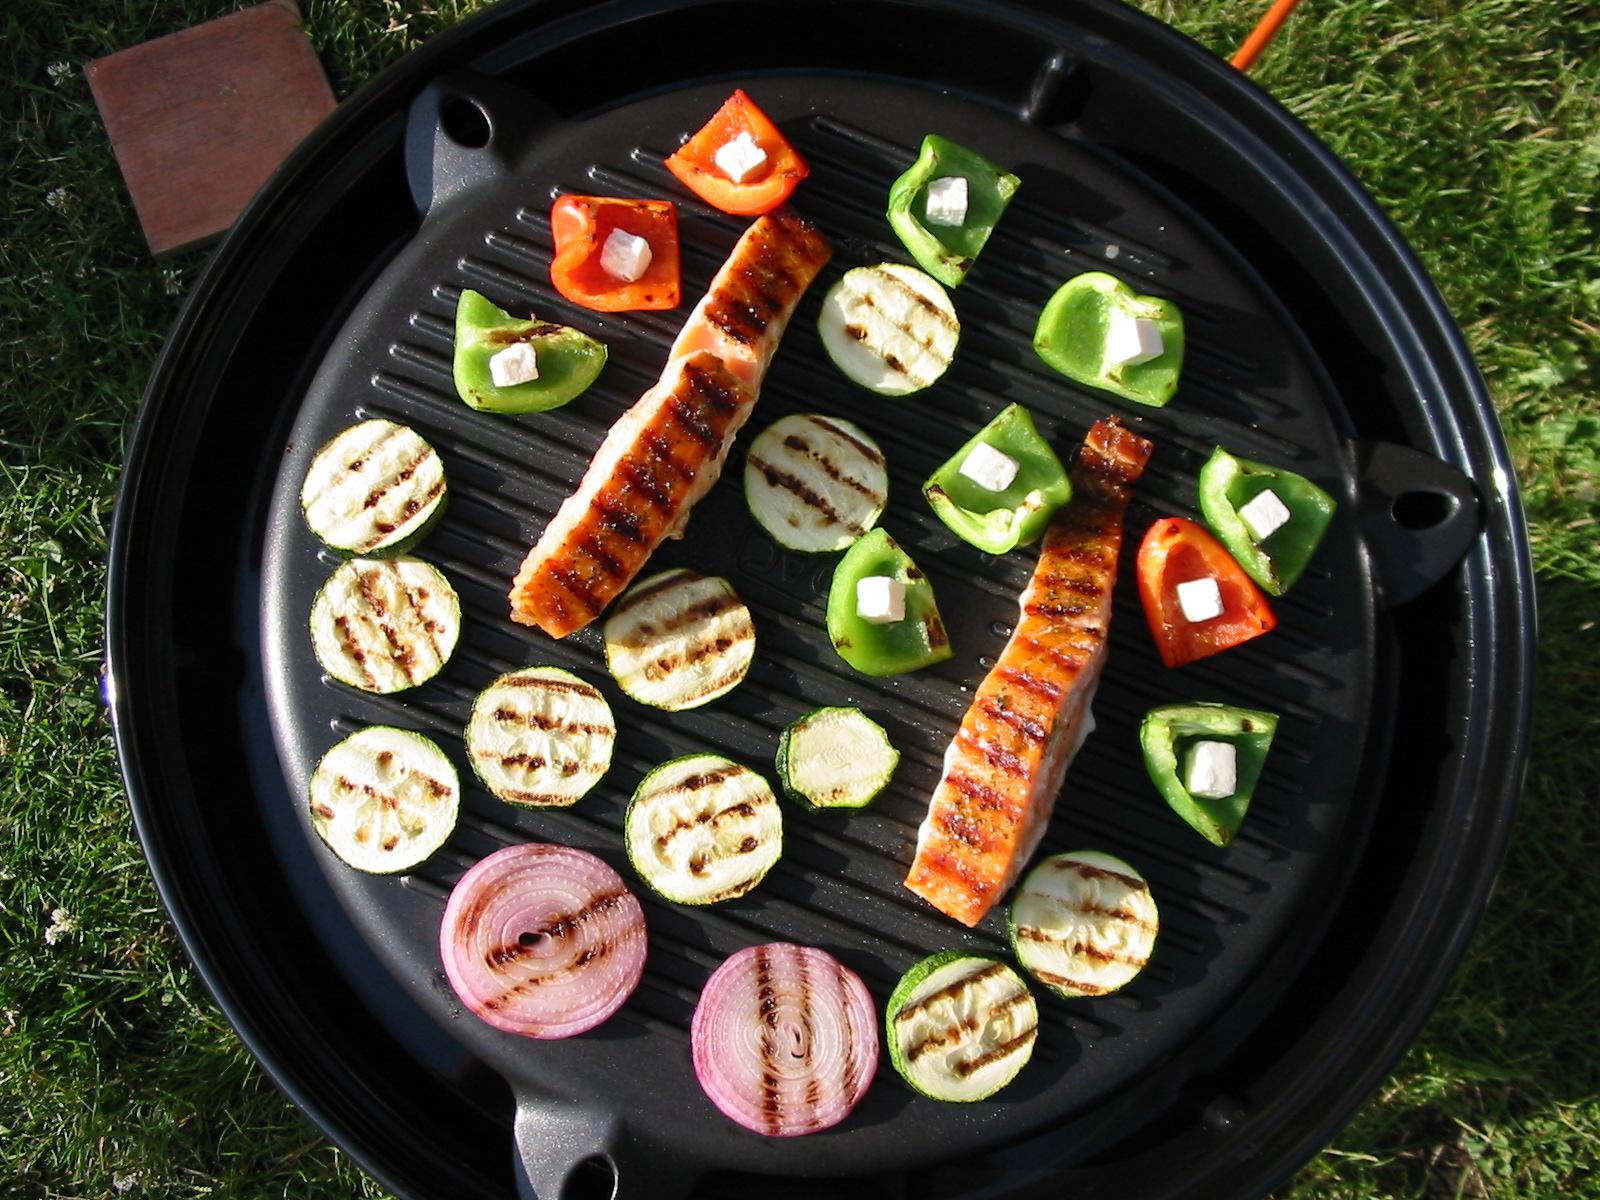 Zalm en groenten van de grill